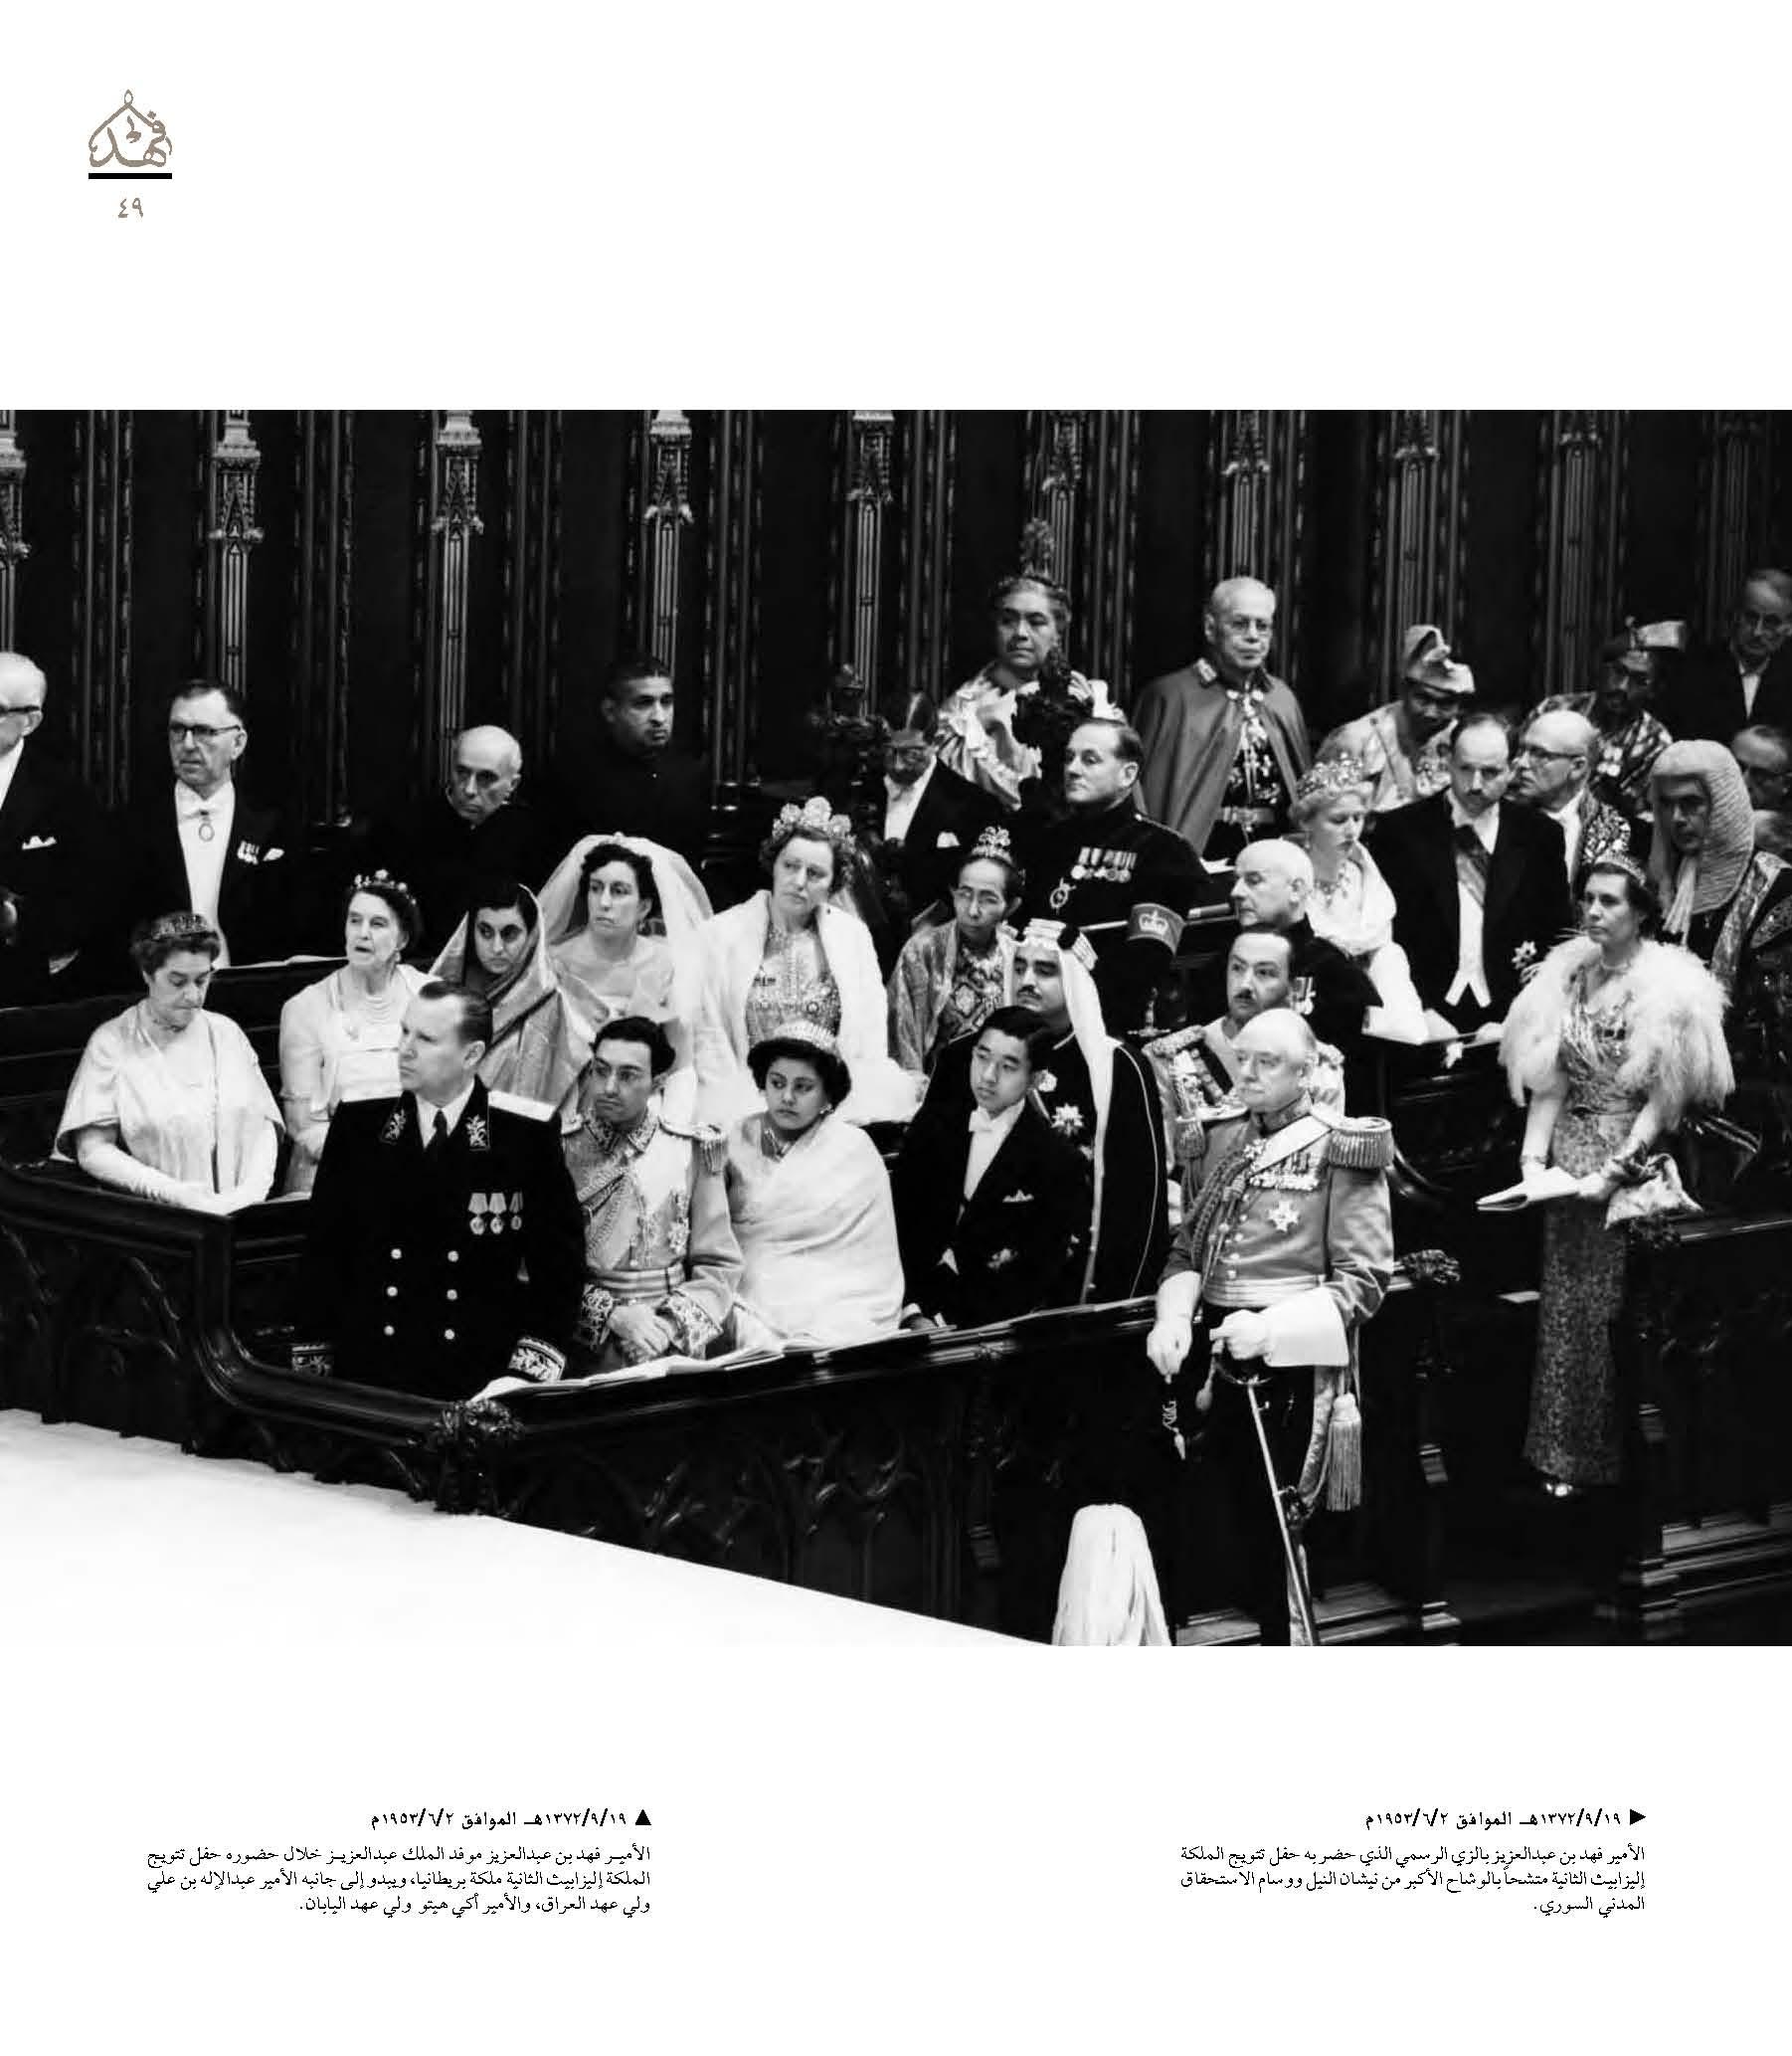 """صور نادرة للملك فهد في """"كتاب"""" 4952b7be-21a5-4a1a-91ae-013b4a11de3a"""